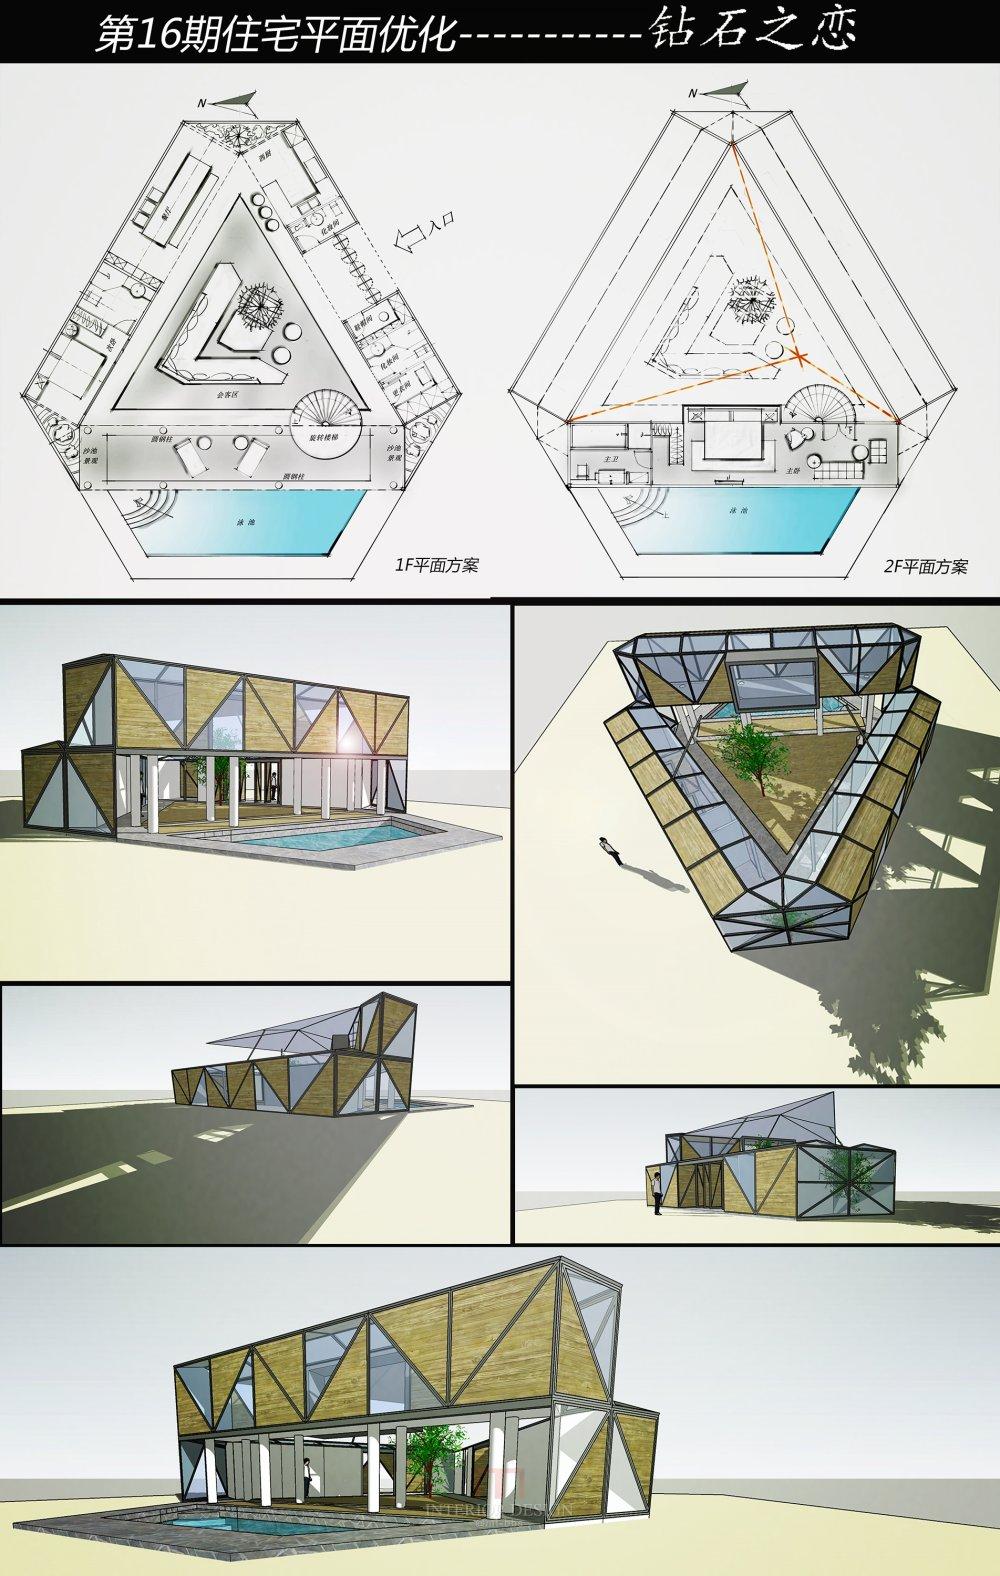 【第16期-住宅平面优化】一个集装箱住宅12套方案 投票奖励DB_08.jpg